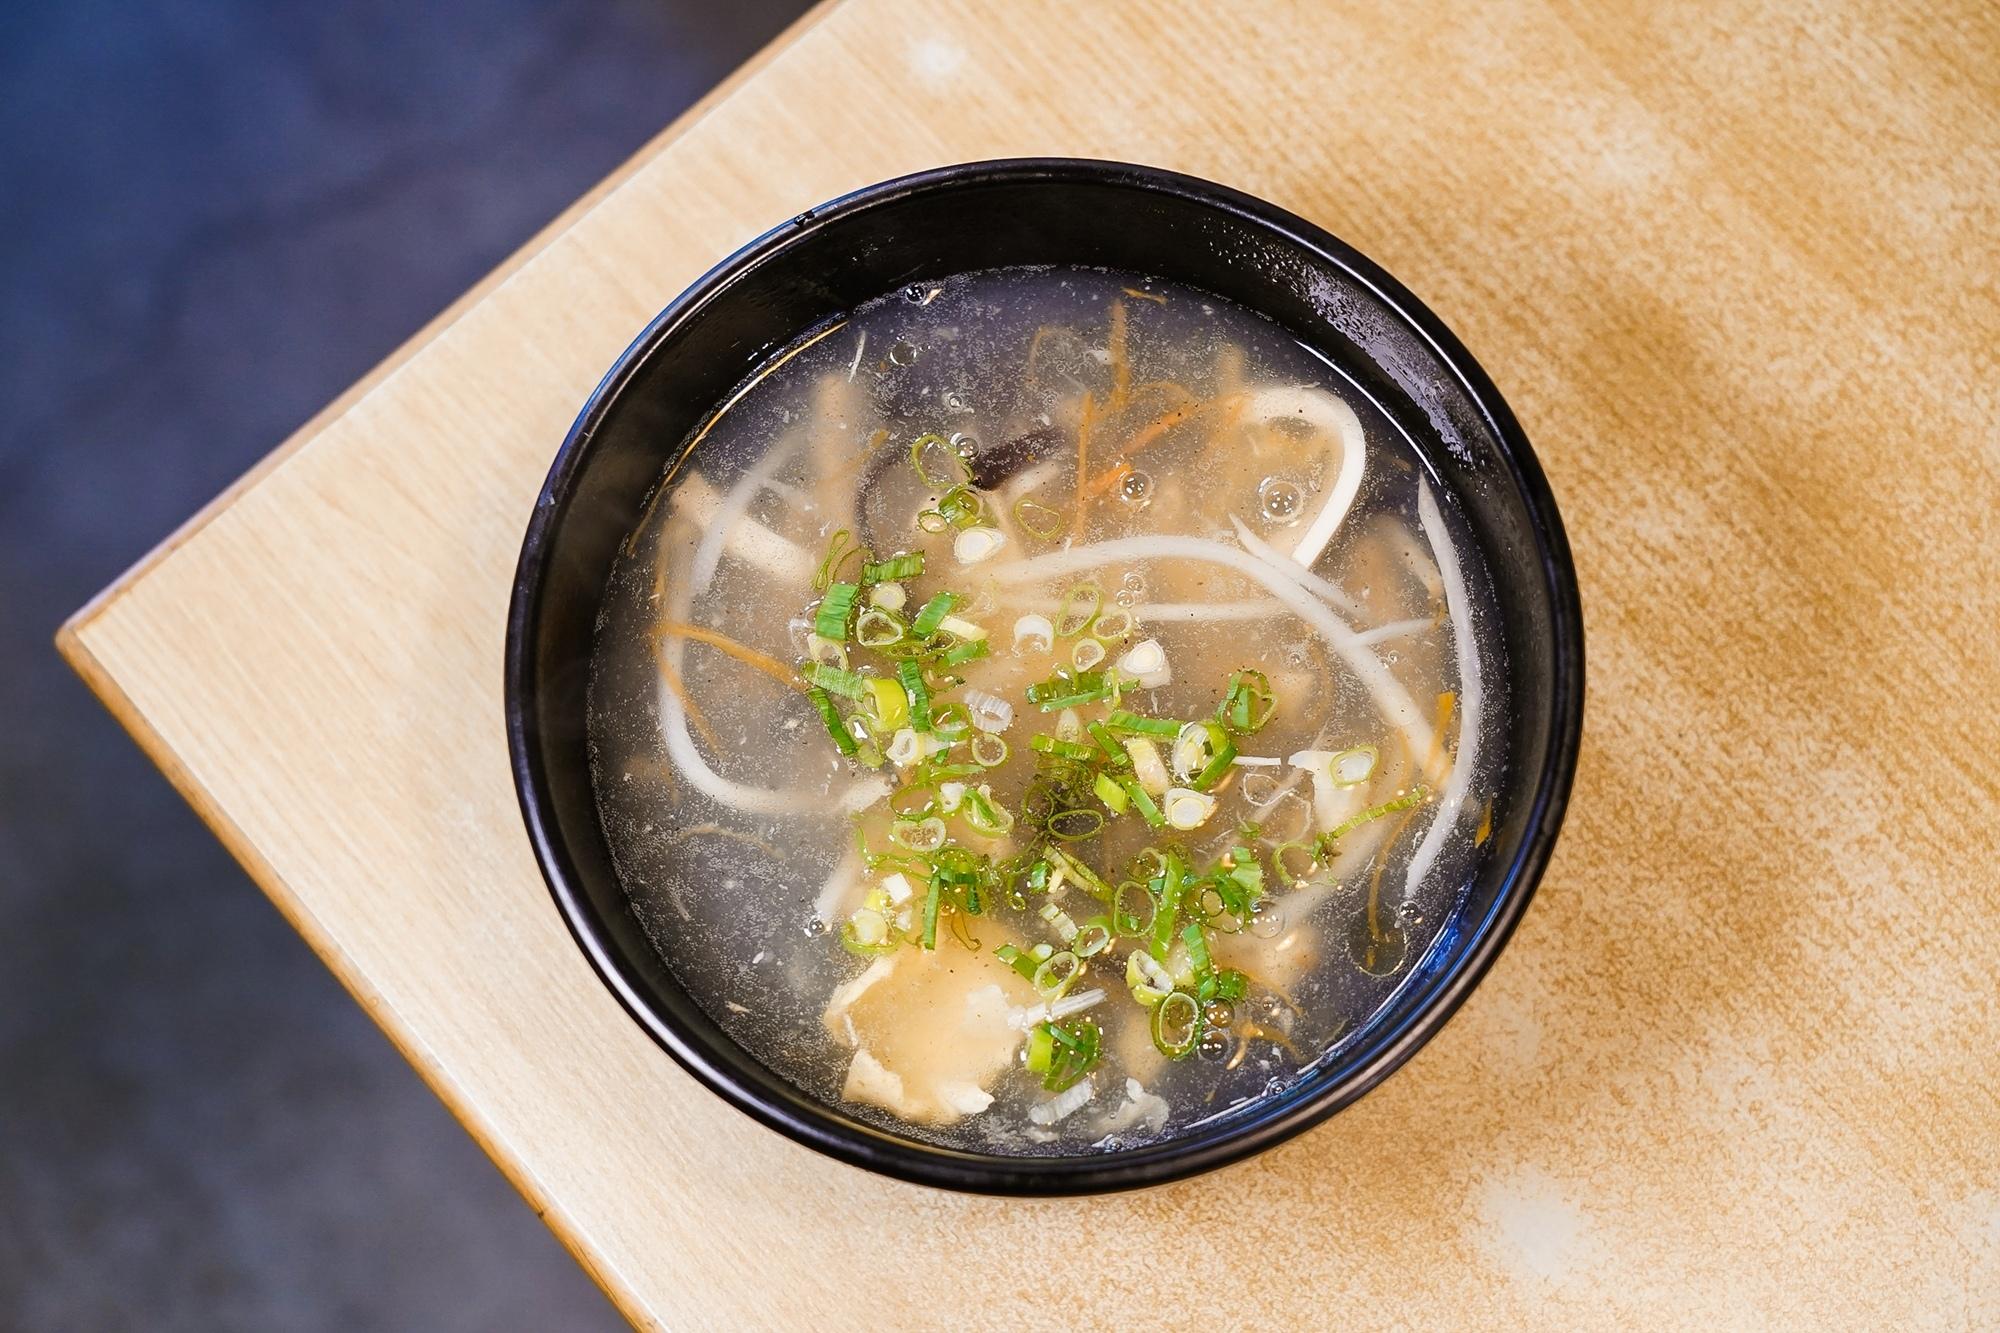 台南中西區美食 東城麵家 結合hiphop與街頭文化的潮流麵店37.jpg